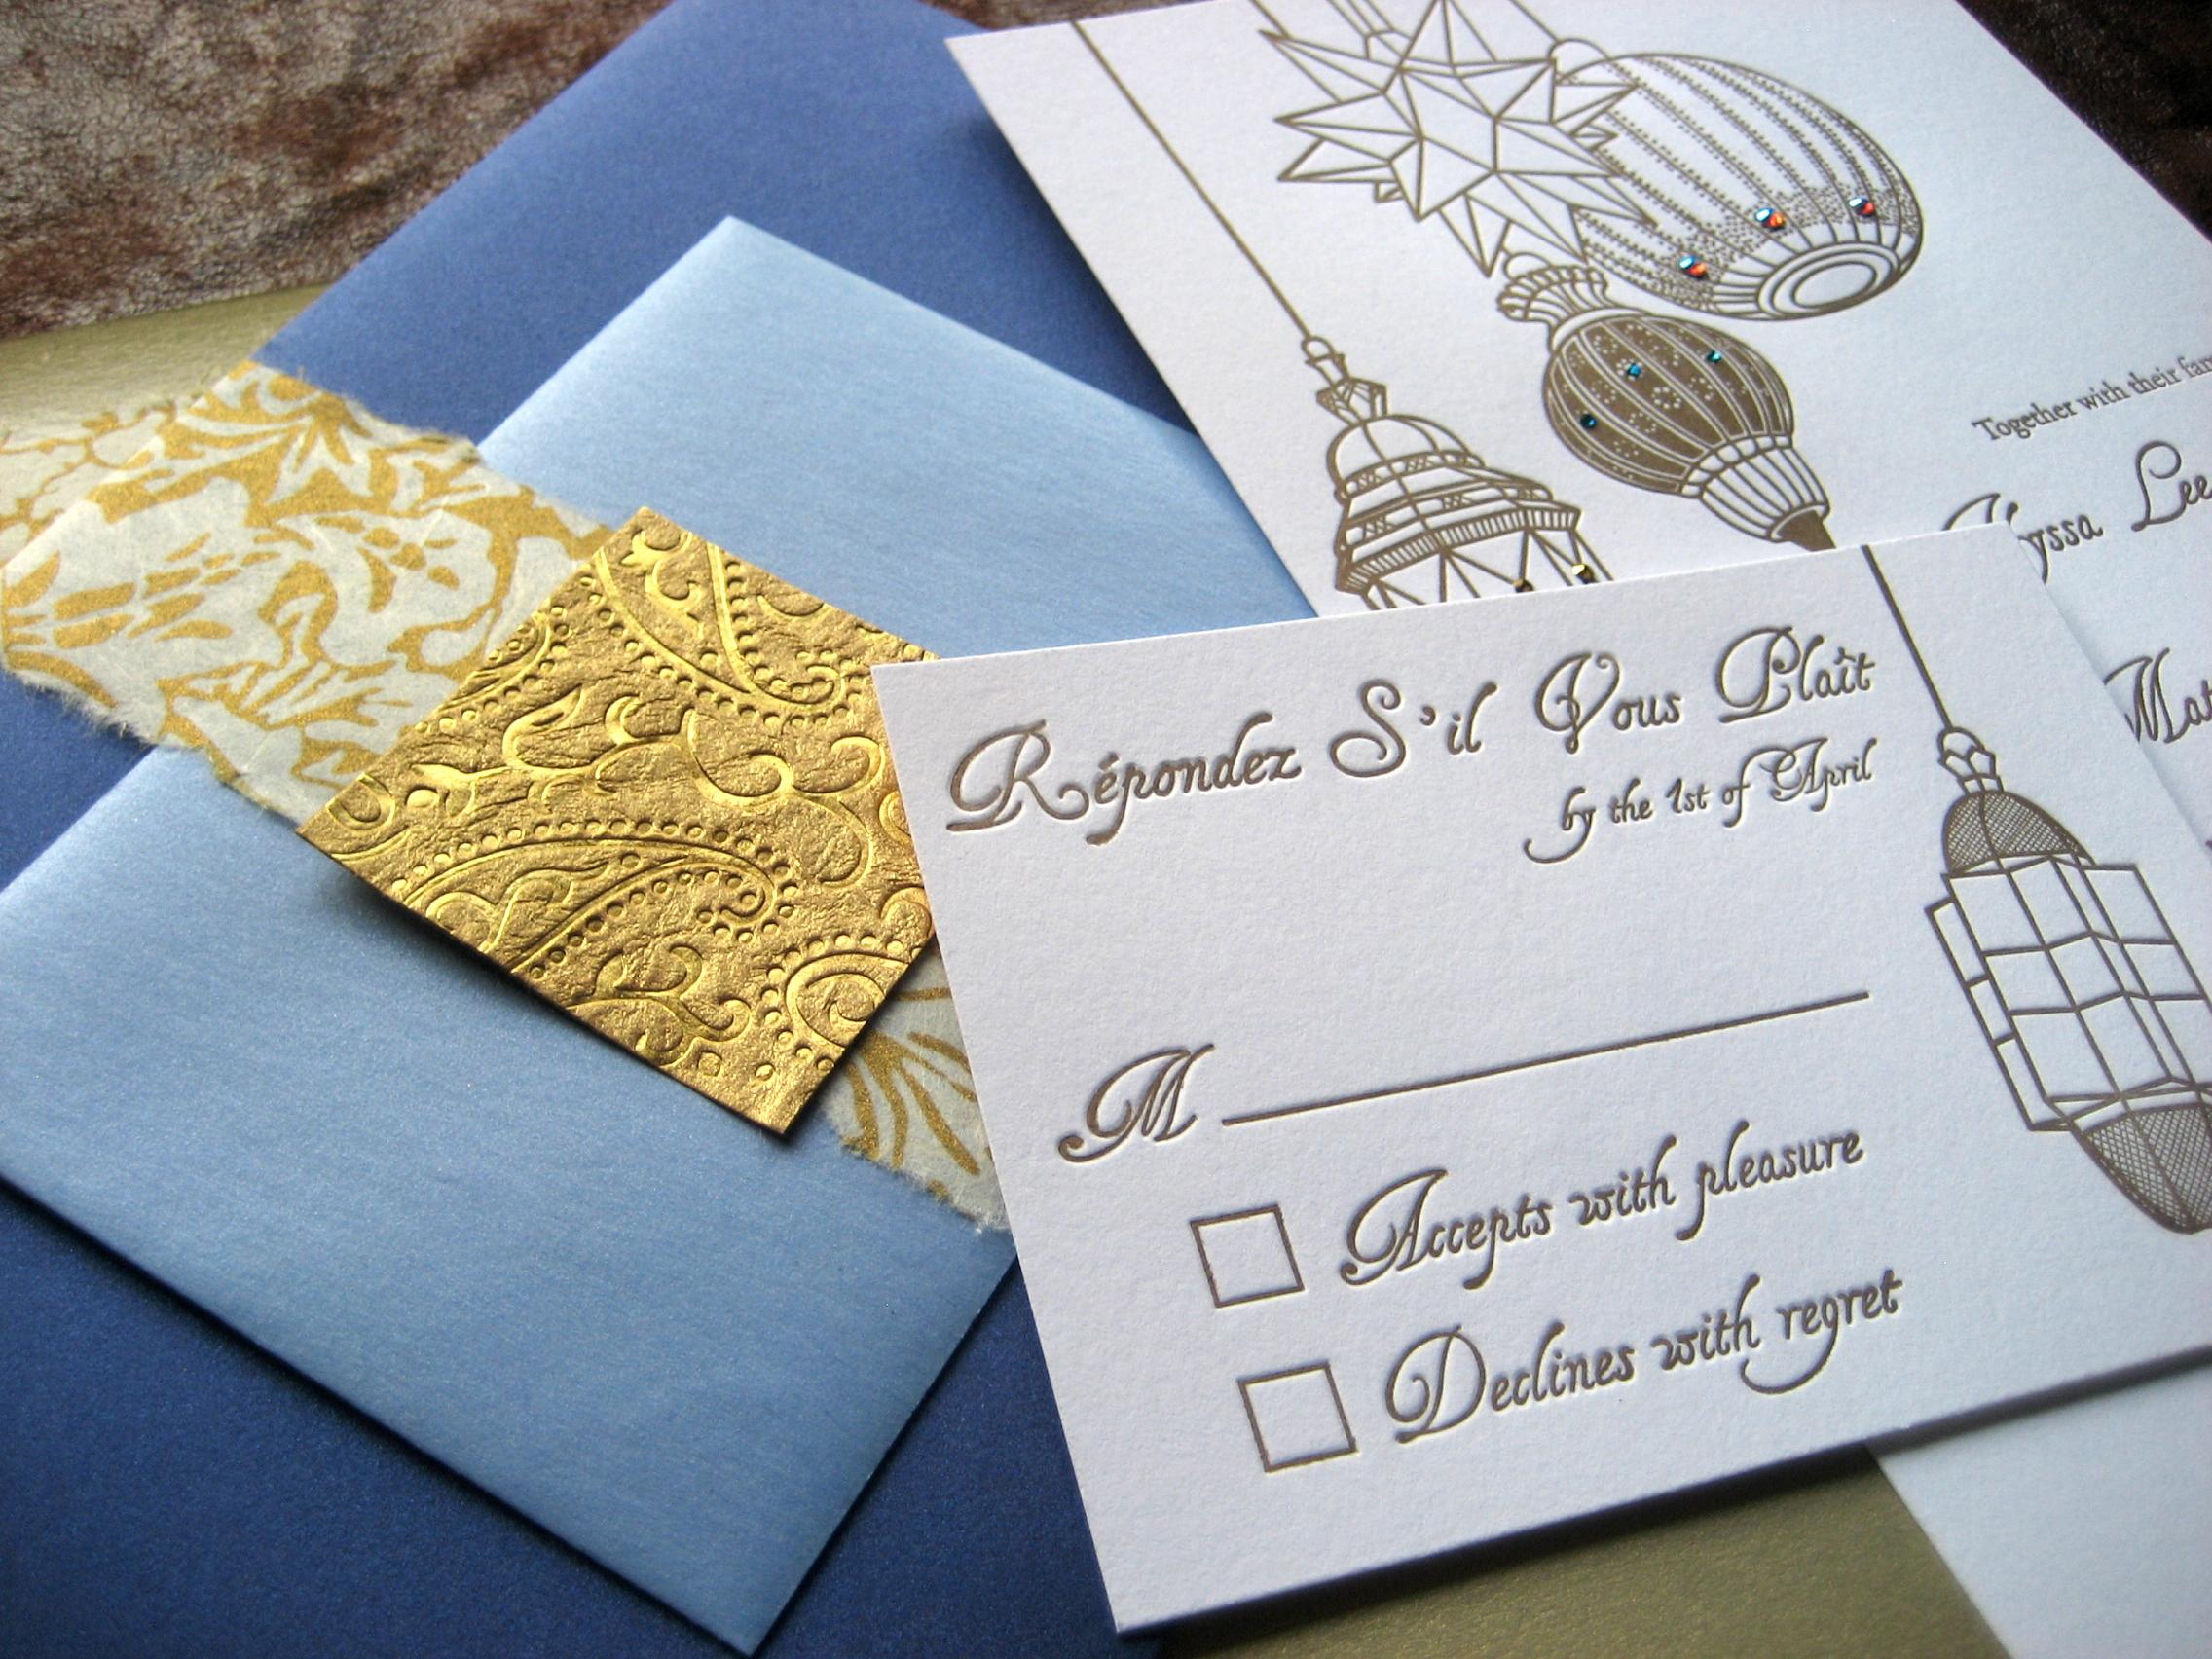 Moroccan lamps custom letterpress invitation suite  Proton Paperie & Press